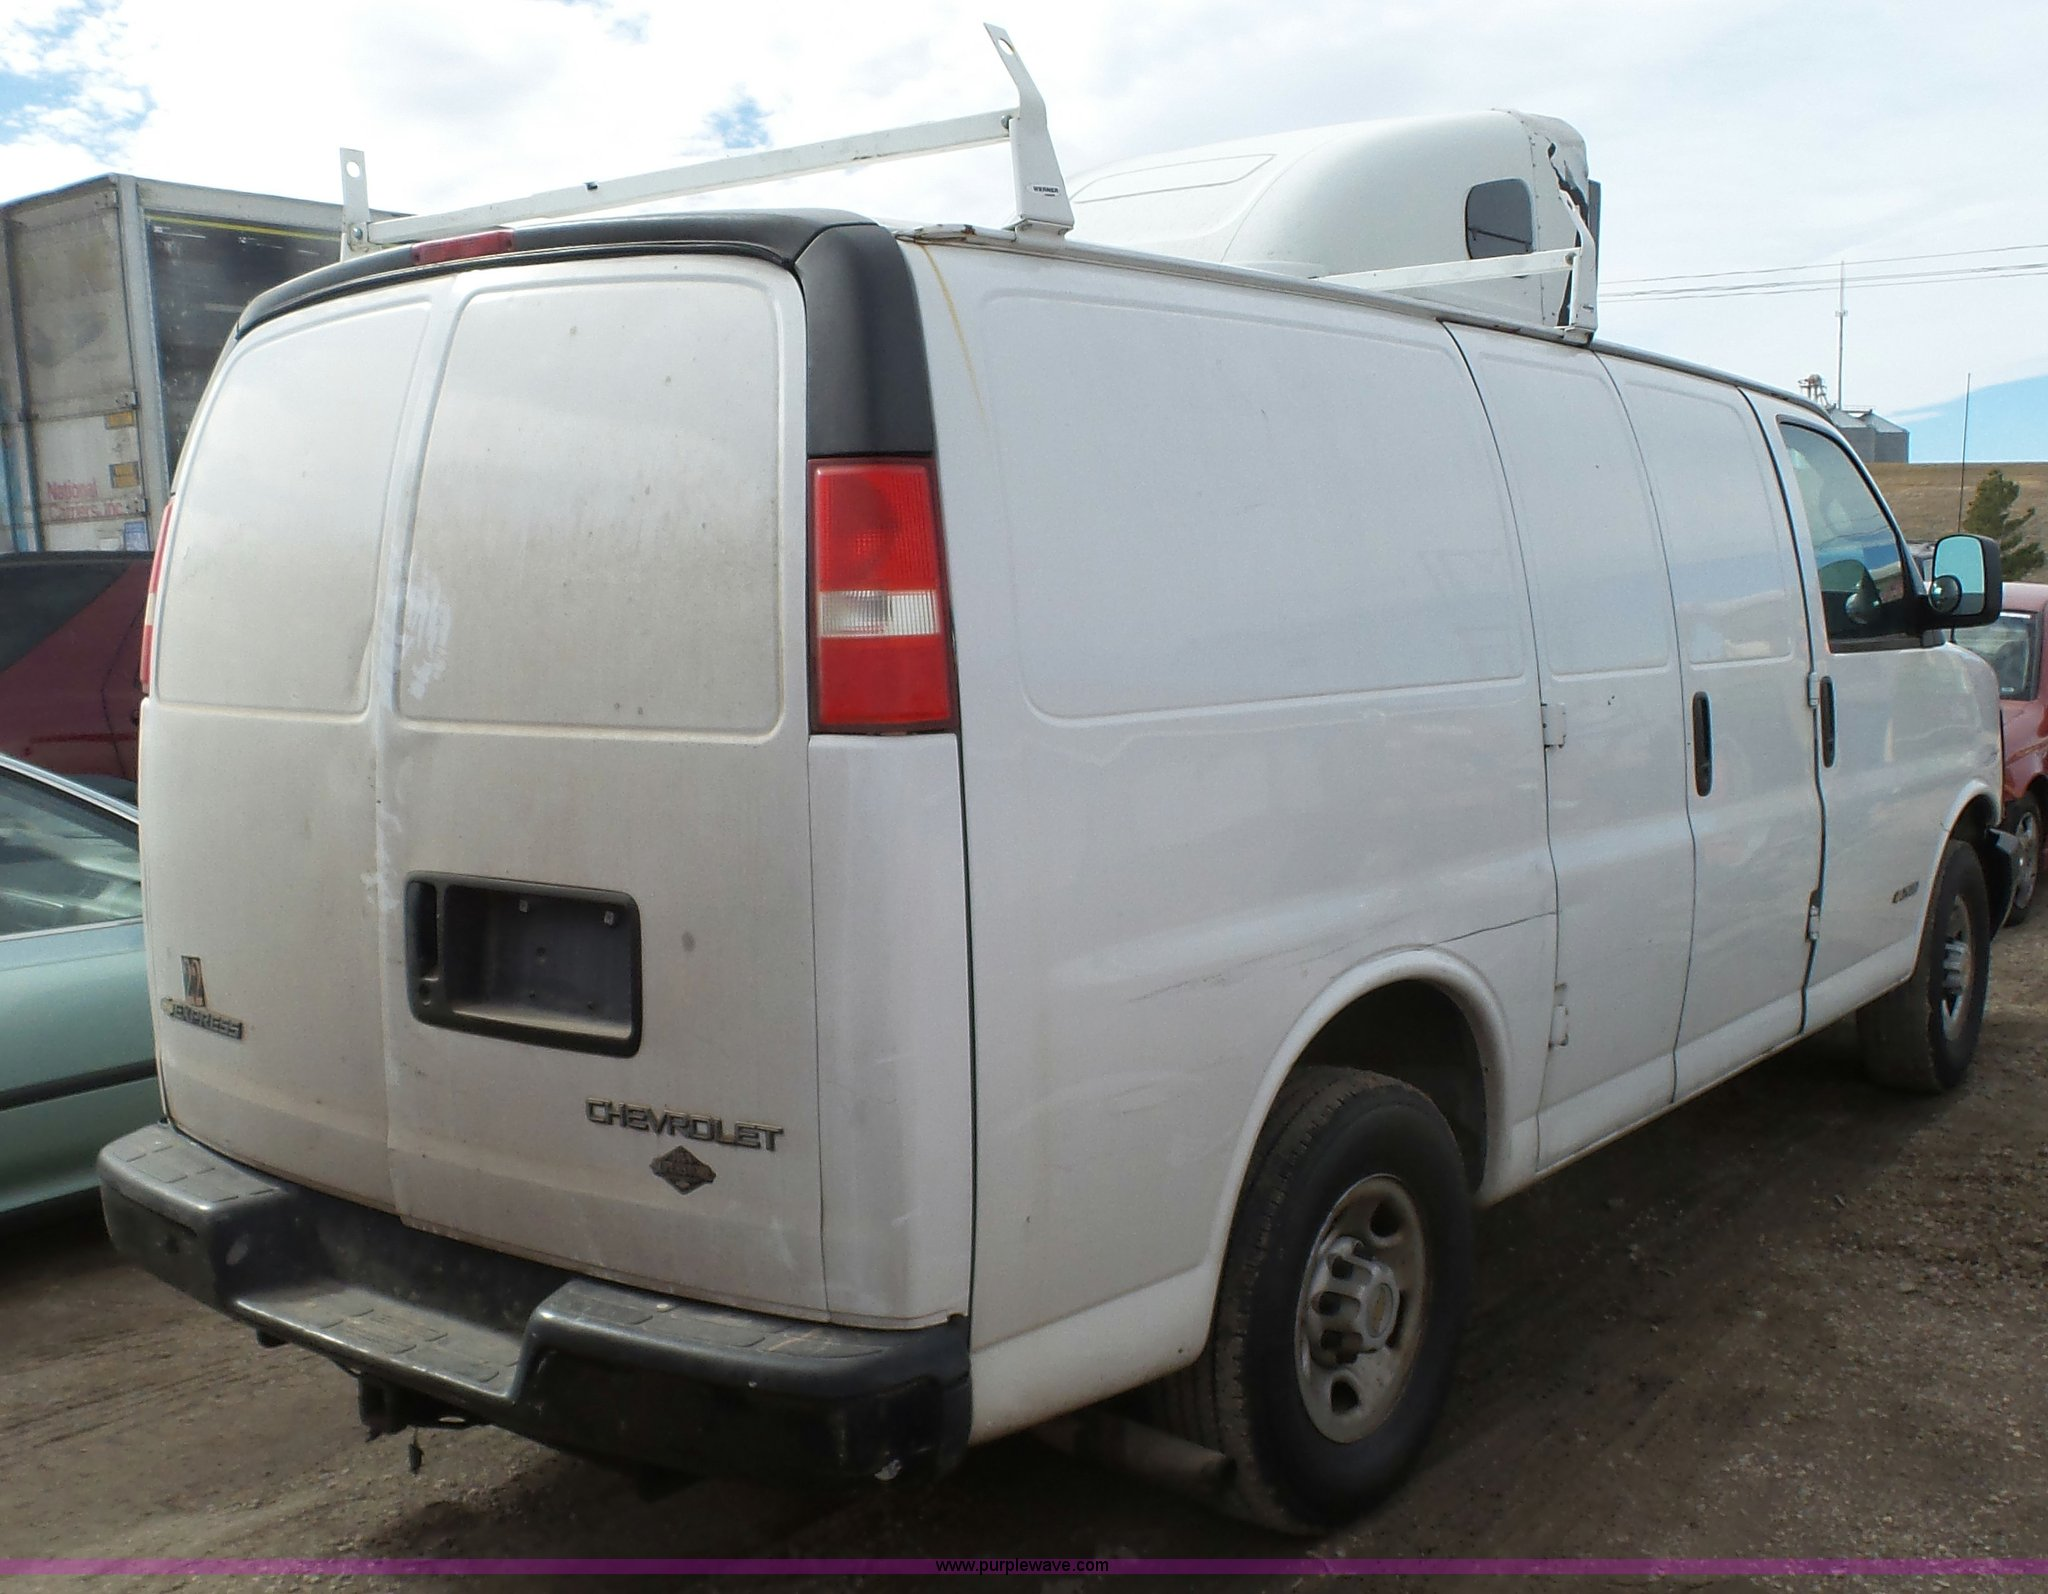 2005 chevrolet express 2500 cargo van full size in new window